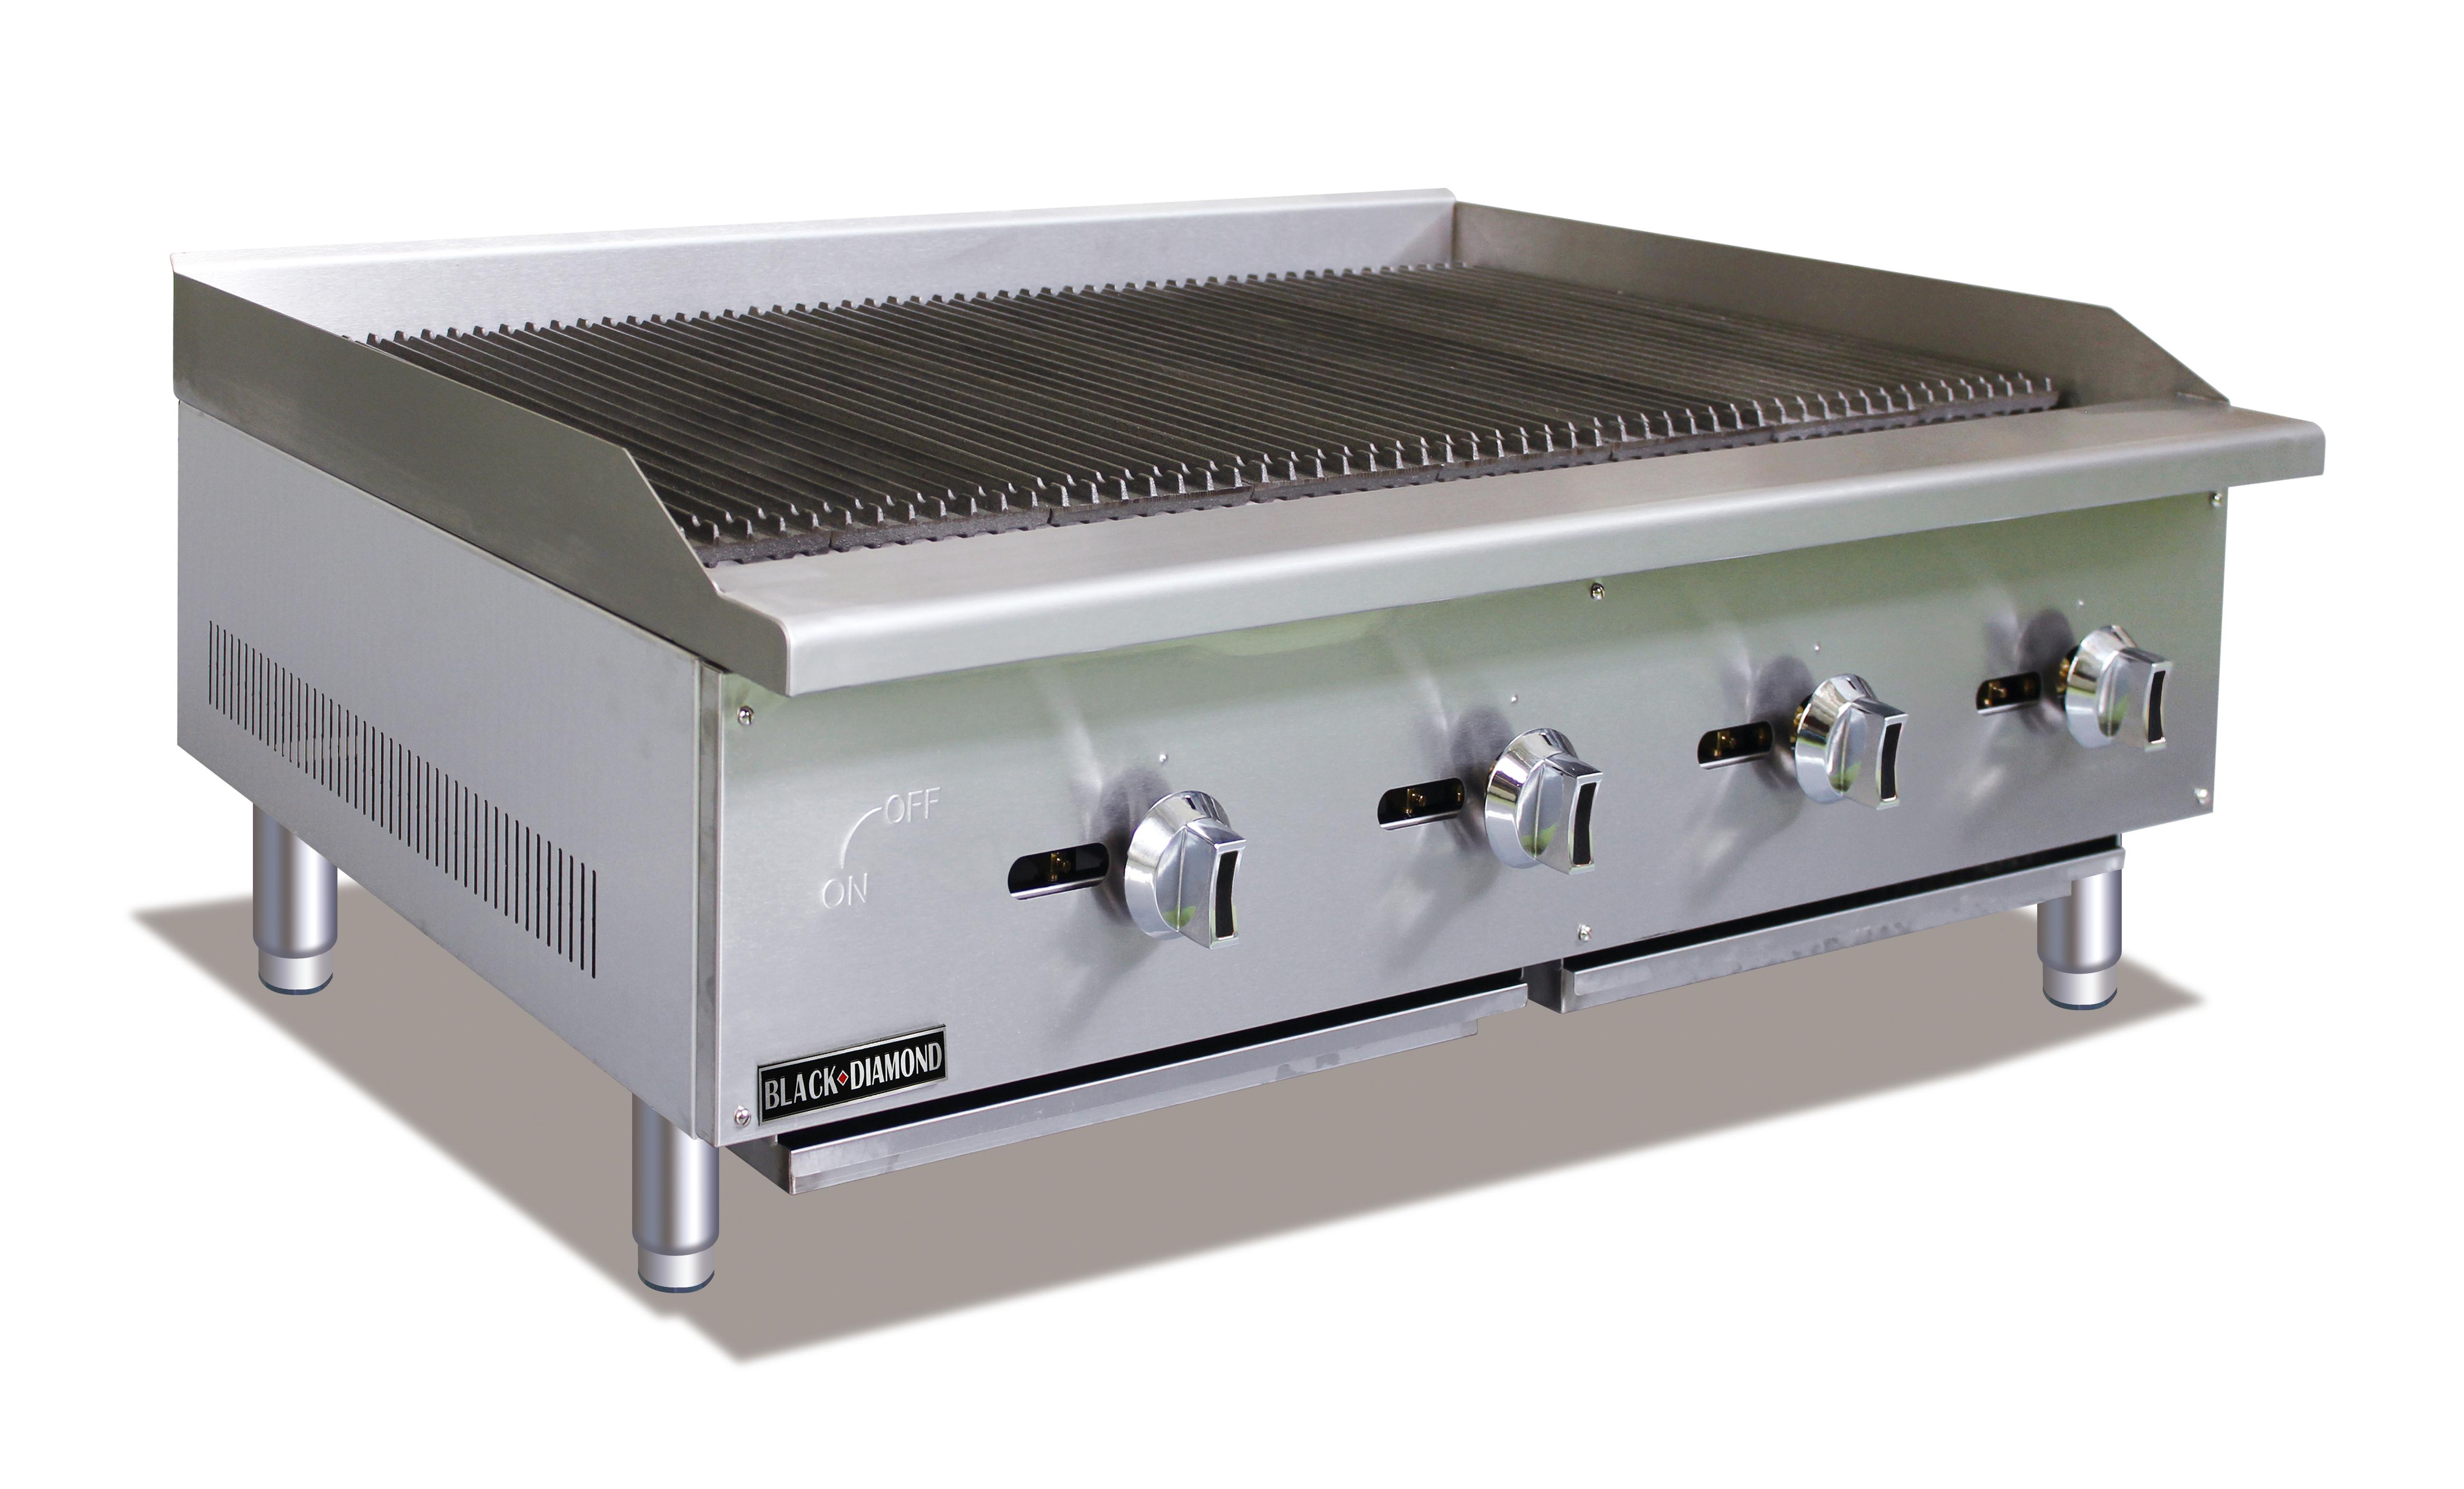 Admiral Craft BDECTC-48/NG gas charbroiler